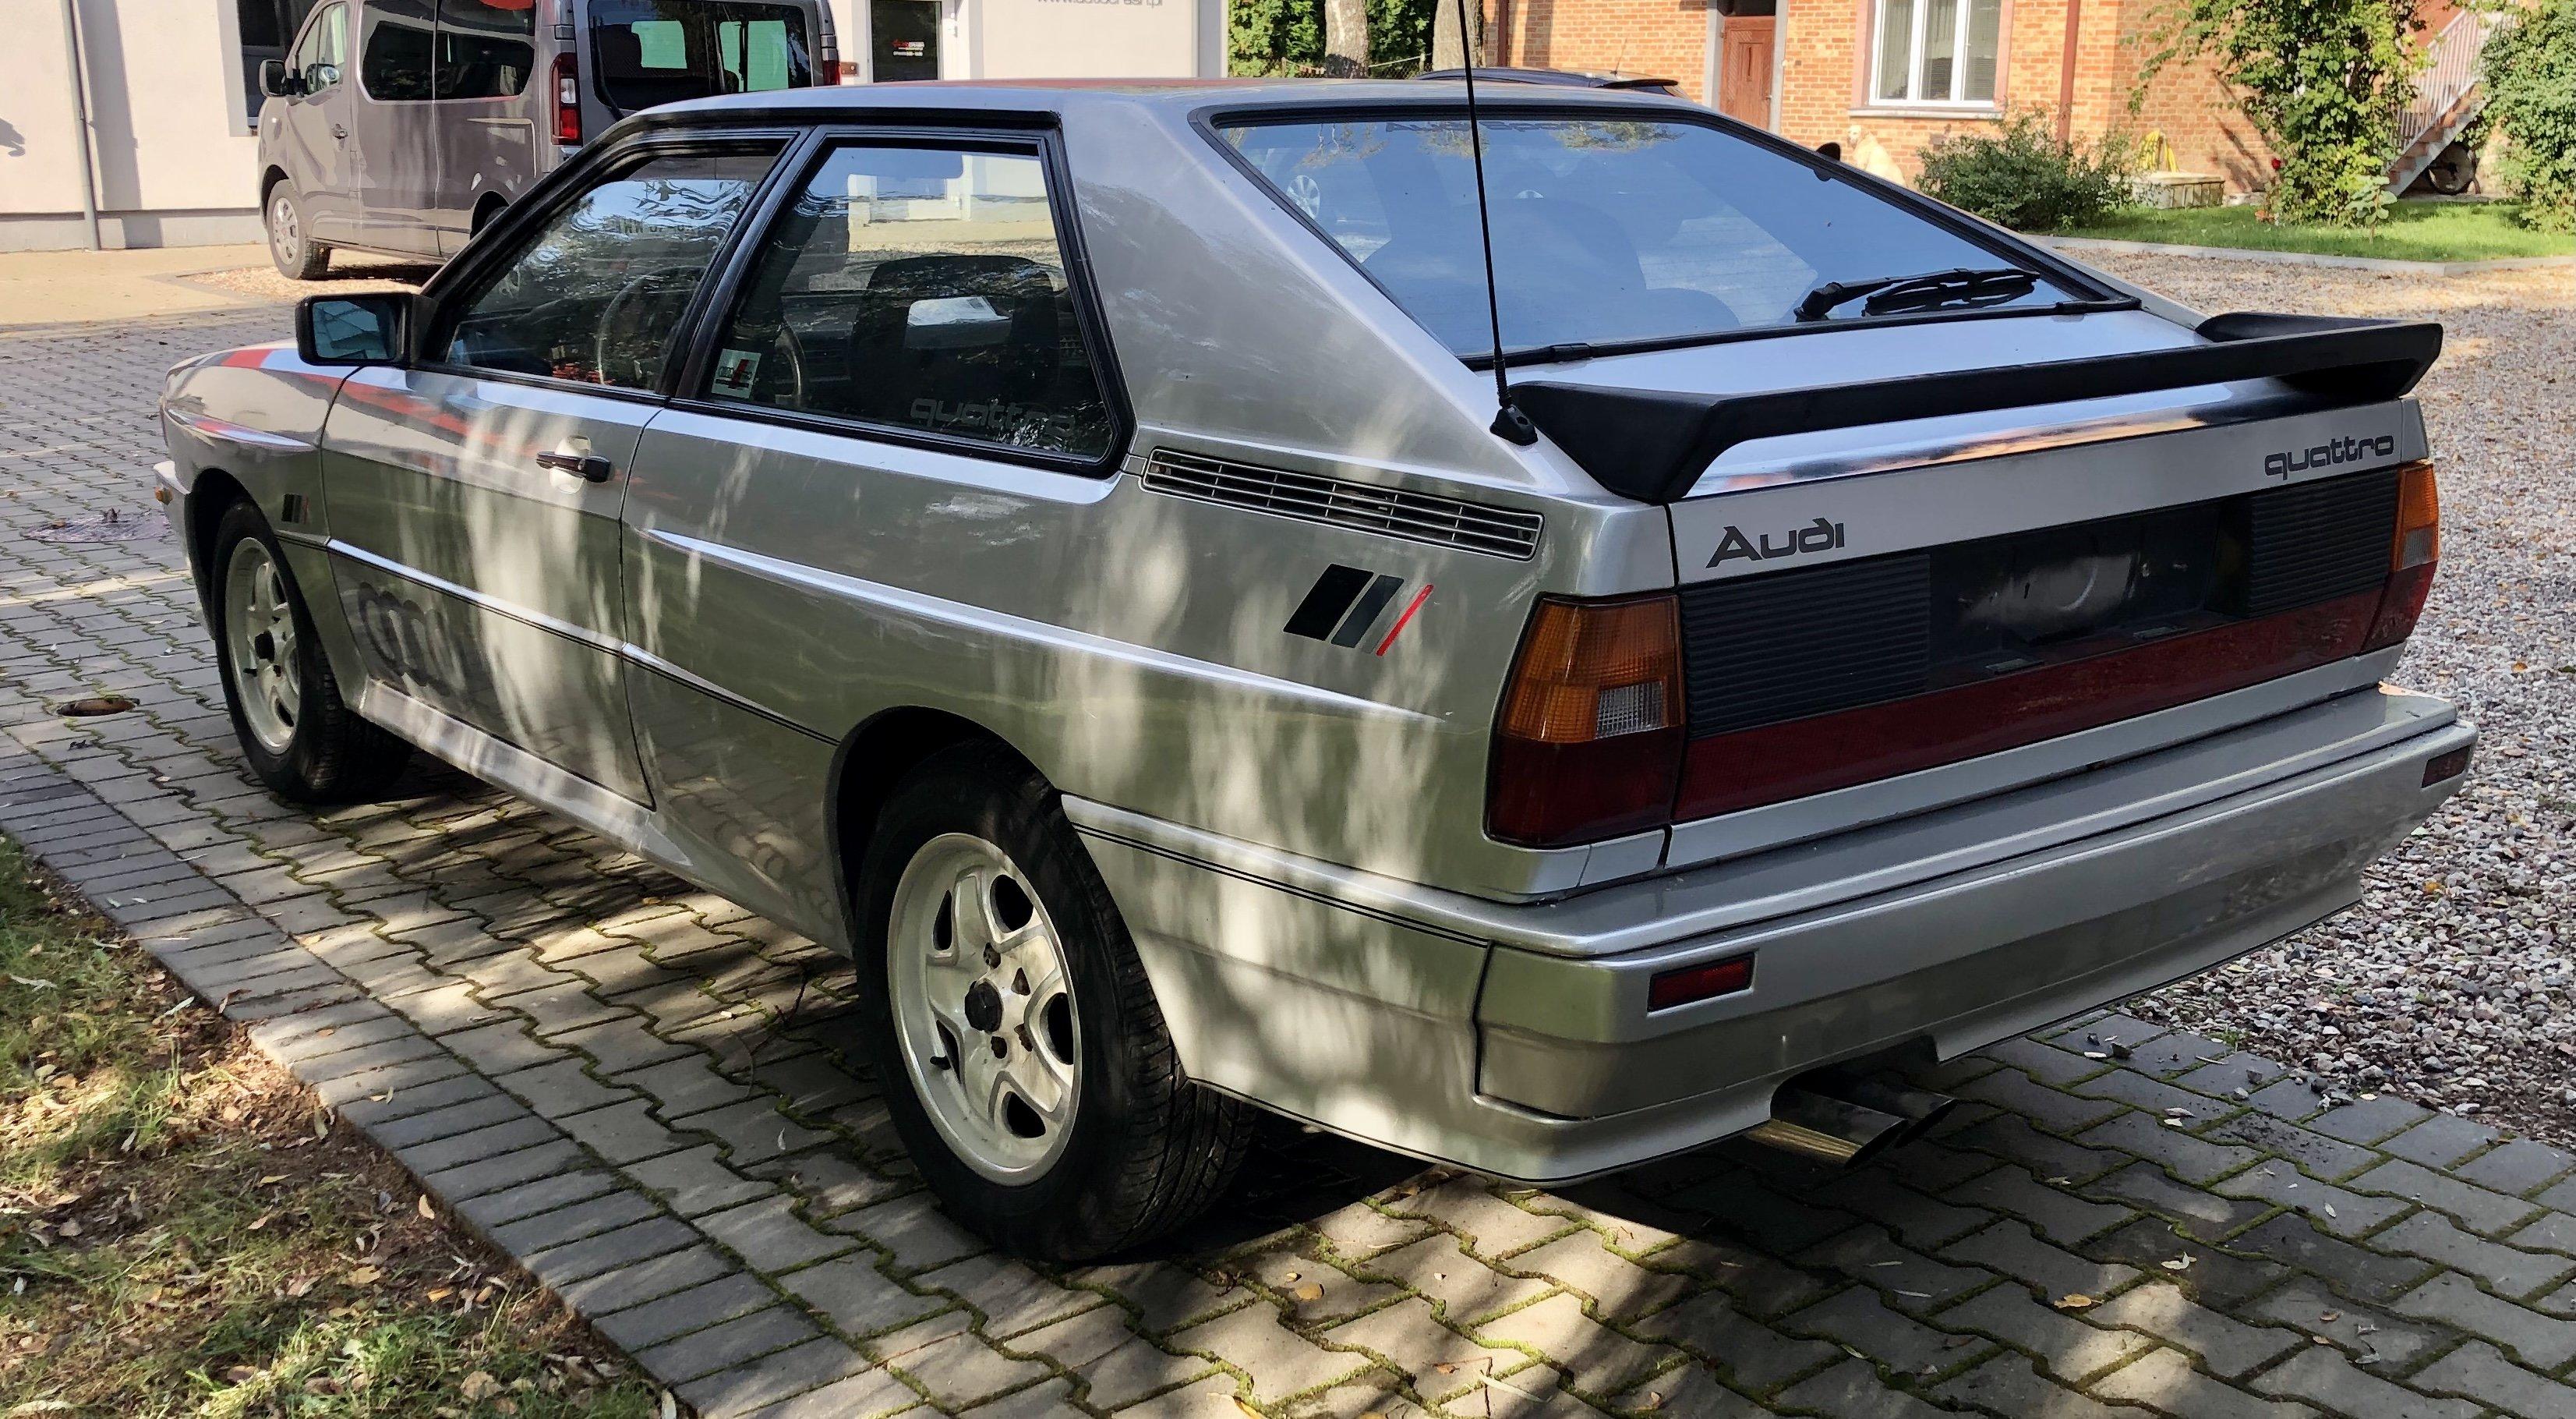 Picture of 1981 Audi Quattro - barnfind! For Sale